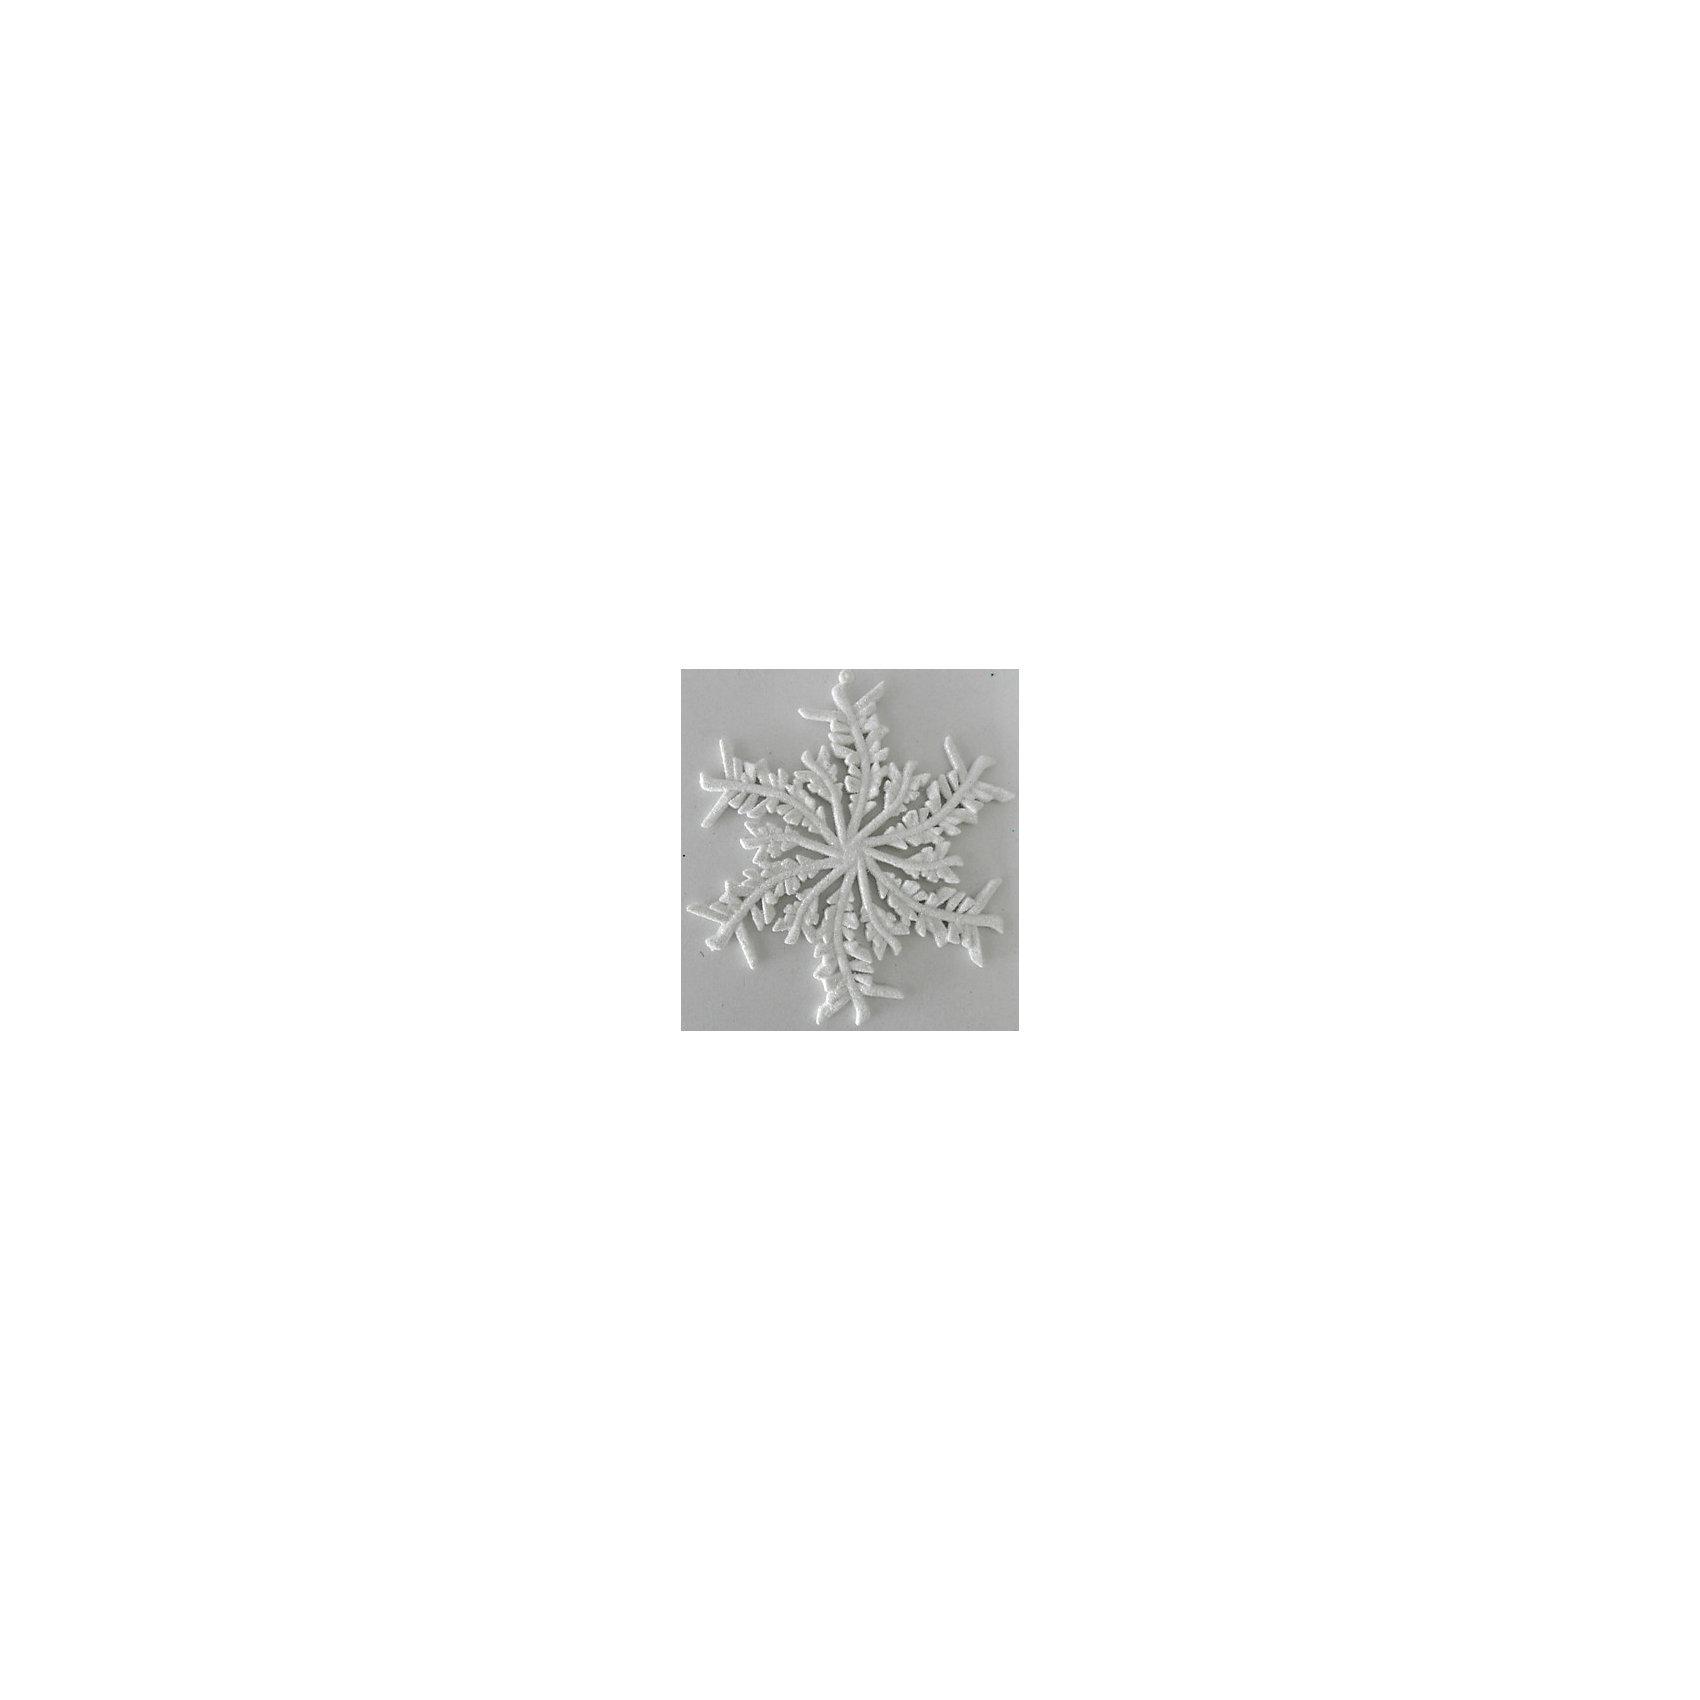 Украшение Белая снежинка 13,5*14 смУкрашение Белая снежинка 13,5*14 см - впустите атмосферу зимы и праздников в ваш дом! С этим декоративным украшением  так весело наряжать дом и радовать близких. Украшение прекрасно подойдет не только на елочку, но и к другим поверхностям, например стенам или шторам. У снежинки имеется отверстие для тонкого шнурка, с помощью которого ее можно прикреплять. При желании можно использовать тонкую ленту. Интересный материал, из которого изготовлена снежинка добавляет ей объемности и реалистичности. Снежинка не разобьется в случае падения. <br><br>Дополнительная информация:<br>- Размер: 13,5 * 14 см.<br>- Материал: полипропилен<br>- Объемная <br>Украшение Белая снежинка 13,5*14 см можно купить в нашем интернет-магазине.<br>Подробнее:<br>• Для детей в возрасте: от 3 лет<br>• Номер товара: 4981456<br>Страна производитель: Китай<br><br>Ширина мм: 100<br>Глубина мм: 100<br>Высота мм: 60<br>Вес г: 28<br>Возраст от месяцев: 36<br>Возраст до месяцев: 2147483647<br>Пол: Унисекс<br>Возраст: Детский<br>SKU: 4981456